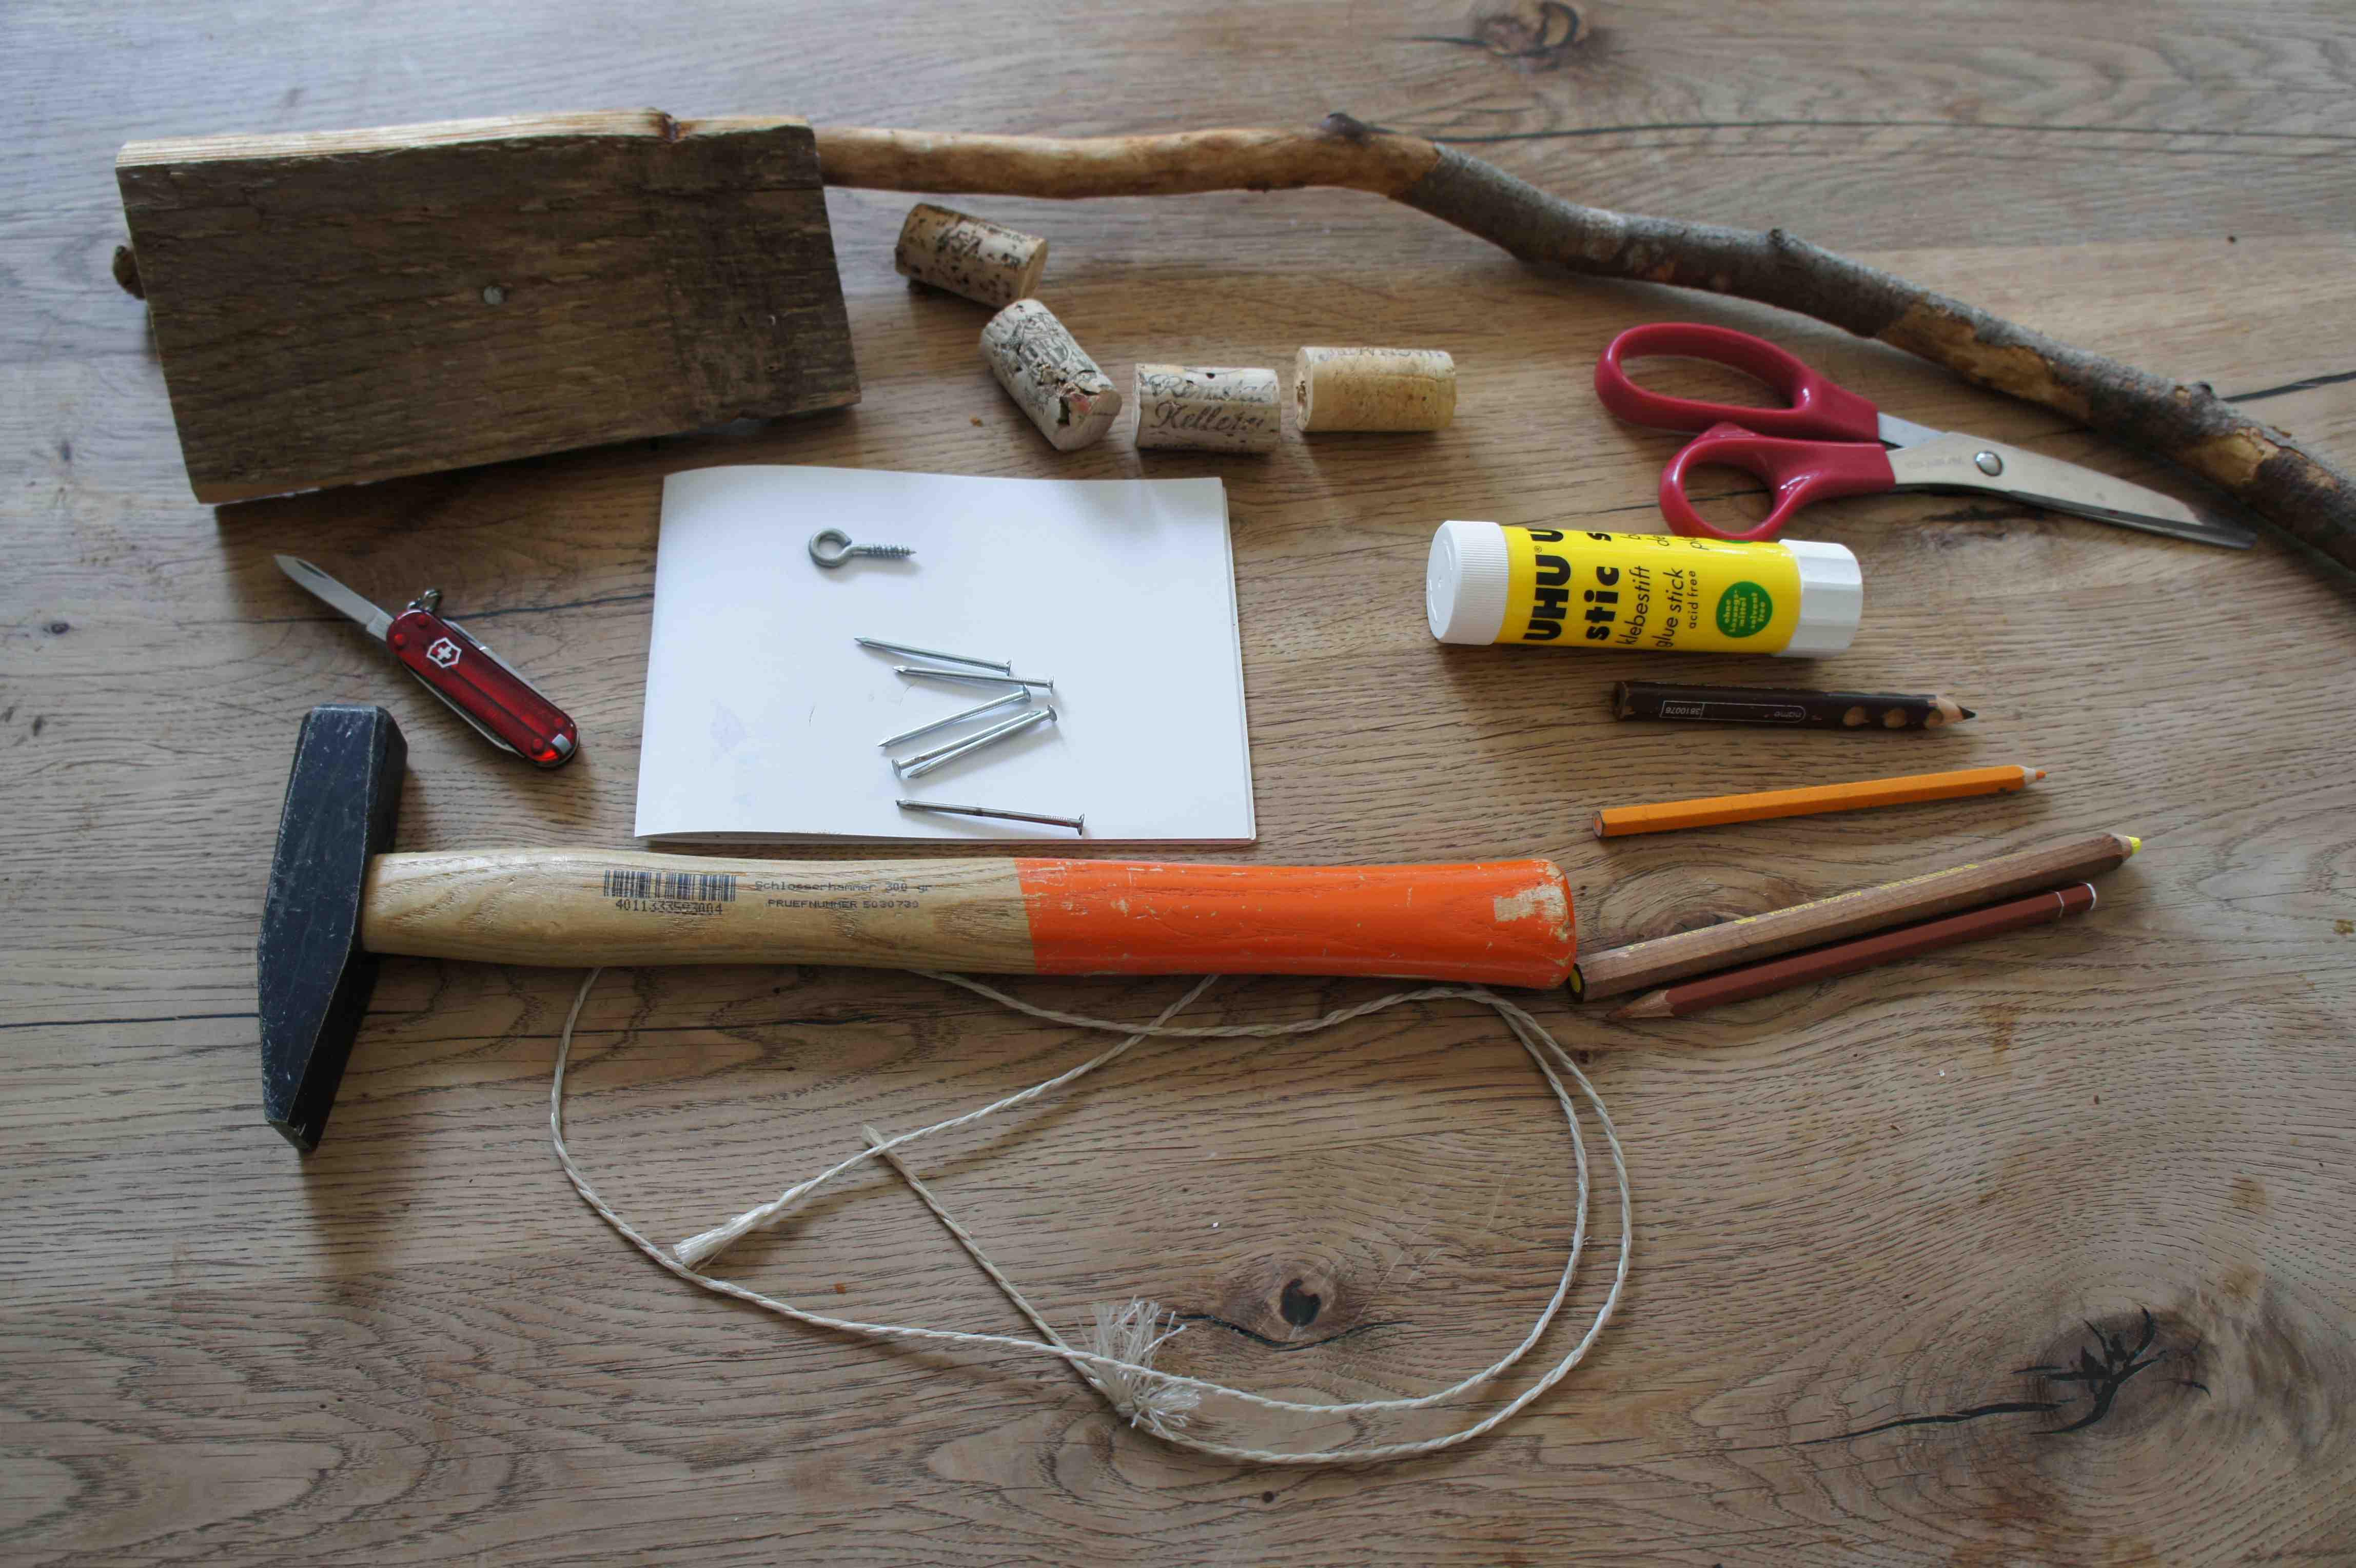 Hier ist das Material für den Bau von unserem Segelschiff. Alles habt Ihr sicher zuhause. Foto: (c) Kinderoutdoor.de